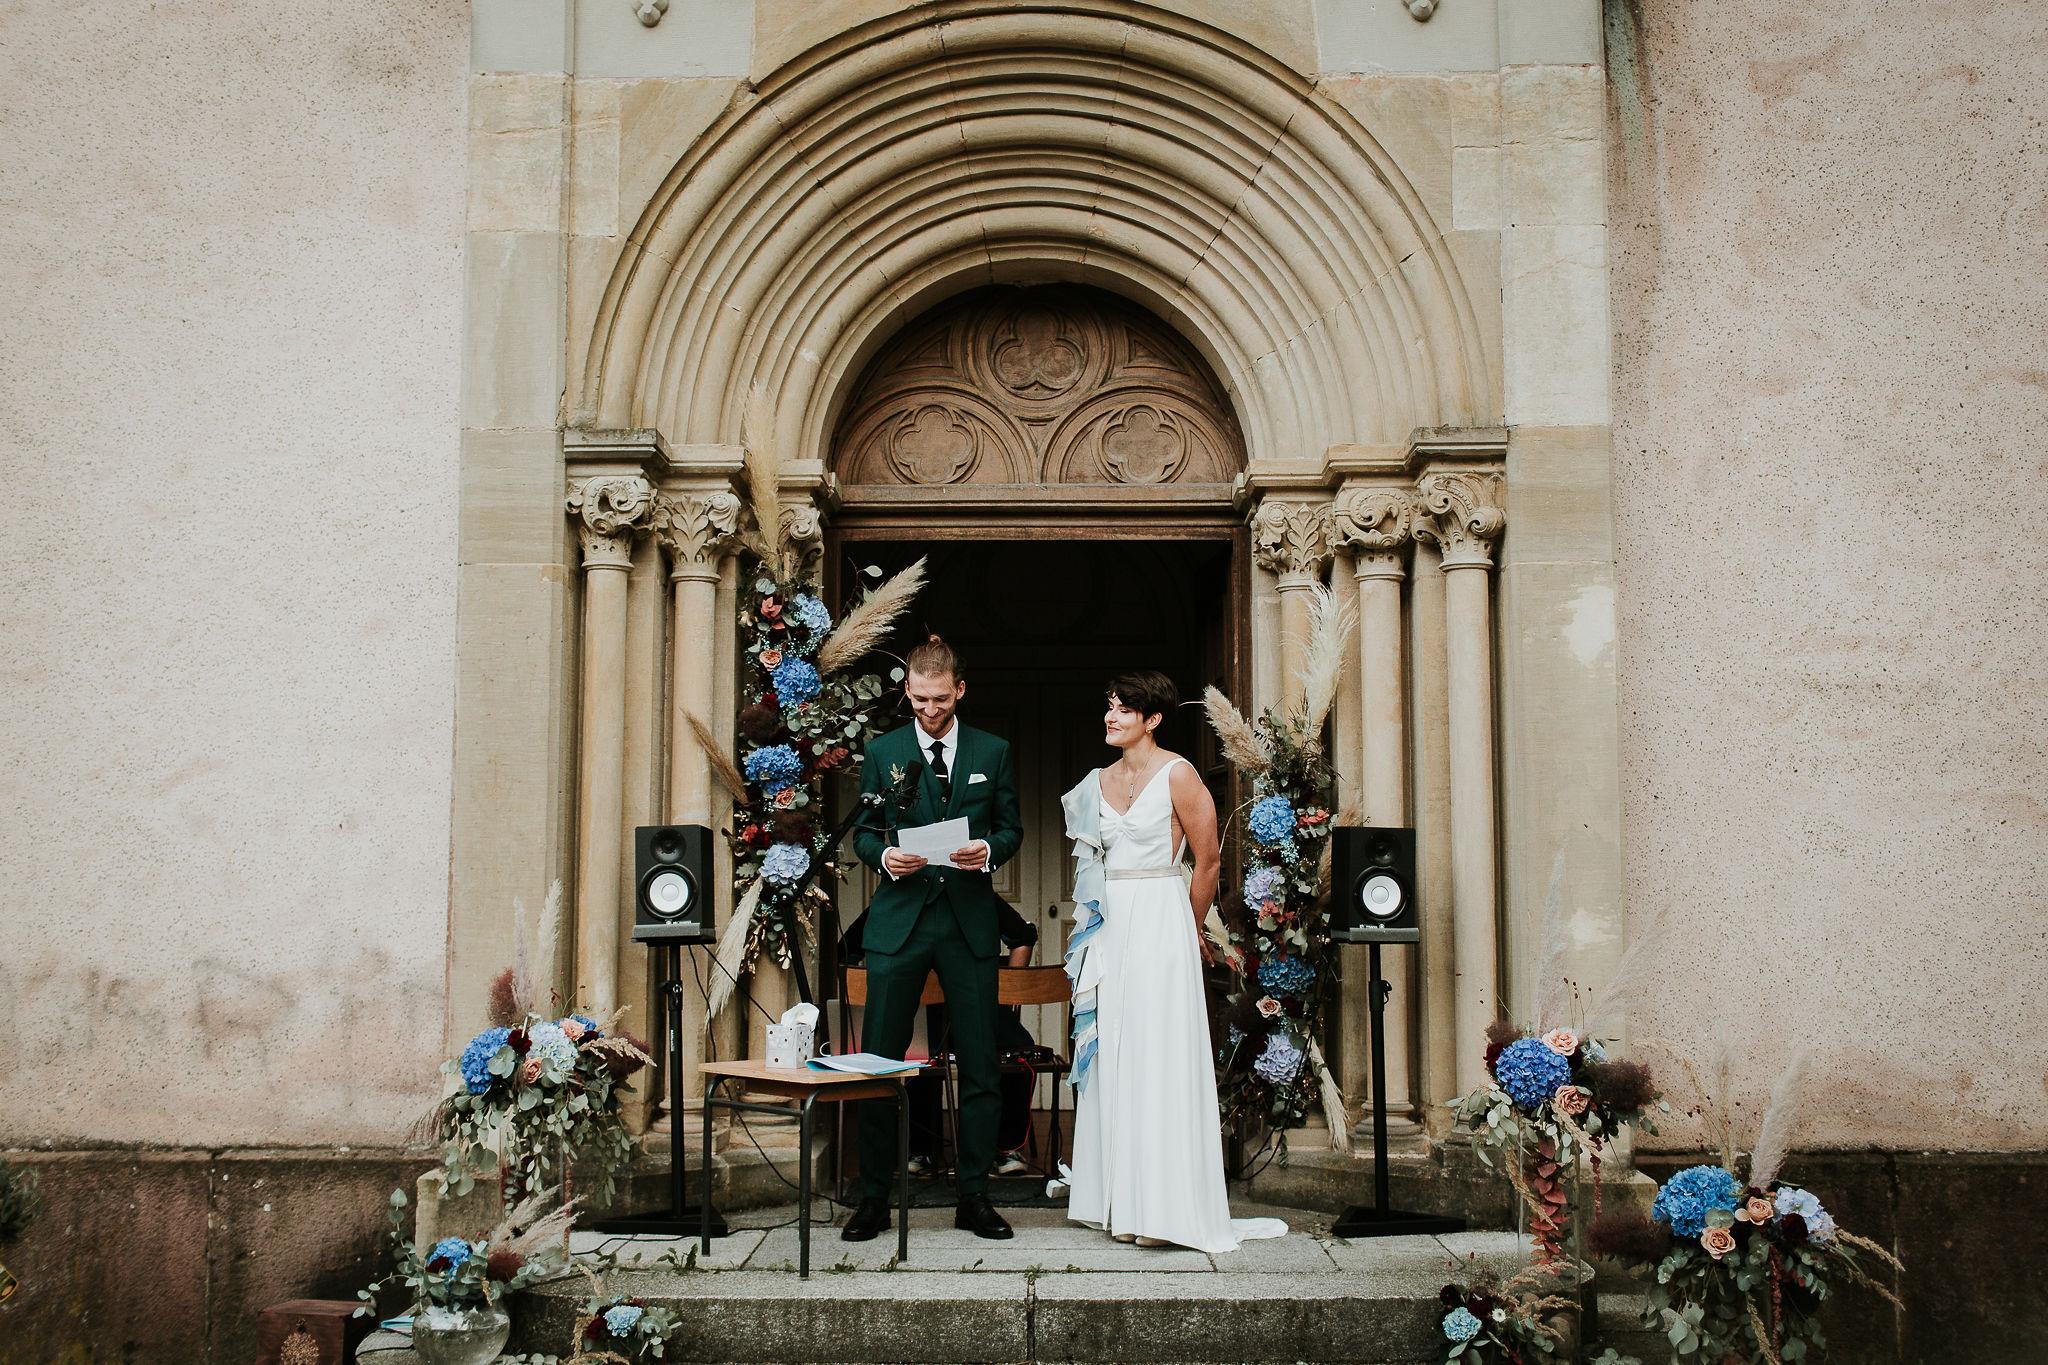 Cérémonie d'engagement mariage bohème aux notes bleutéss